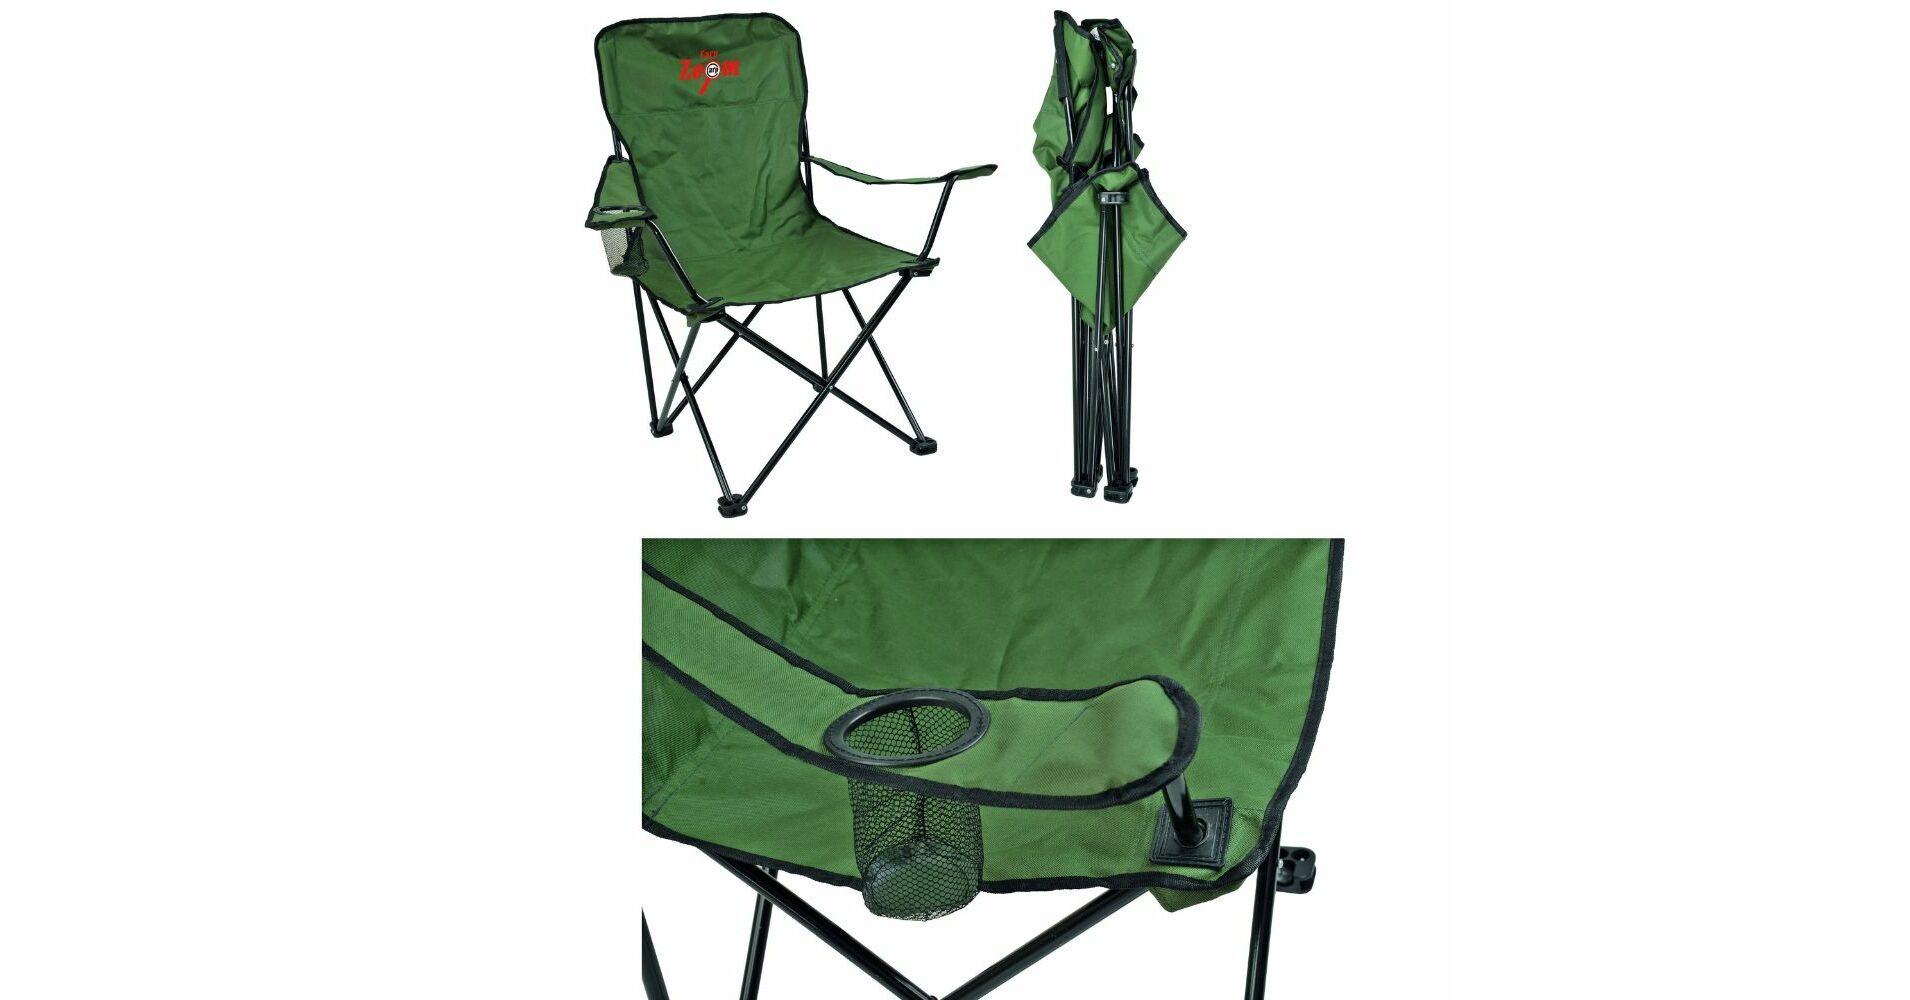 Carp Zoom Összecsukható horgász szék kartámasszal